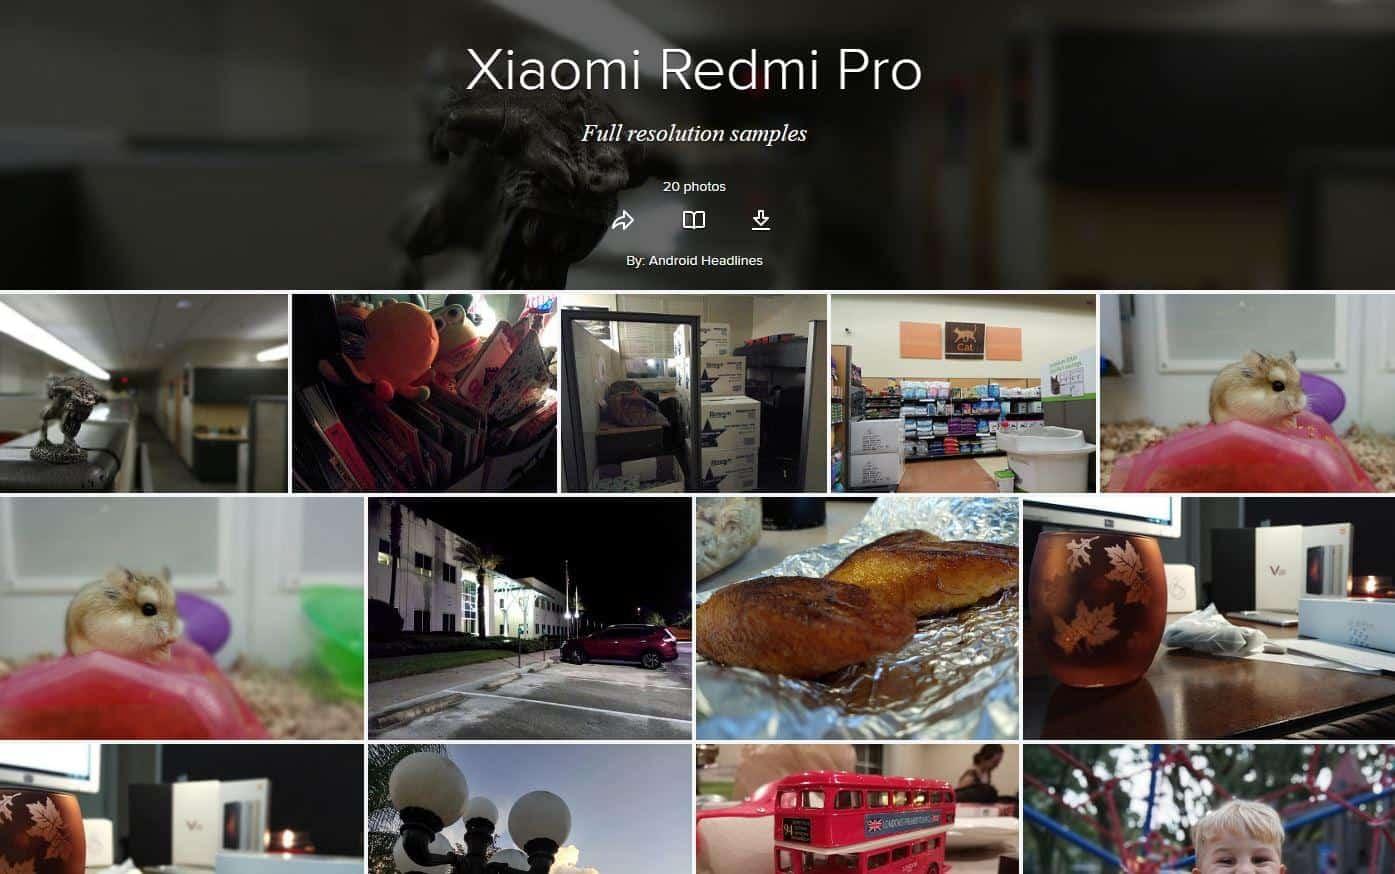 xiaomi-redmi-pro-ah-ns-flickr